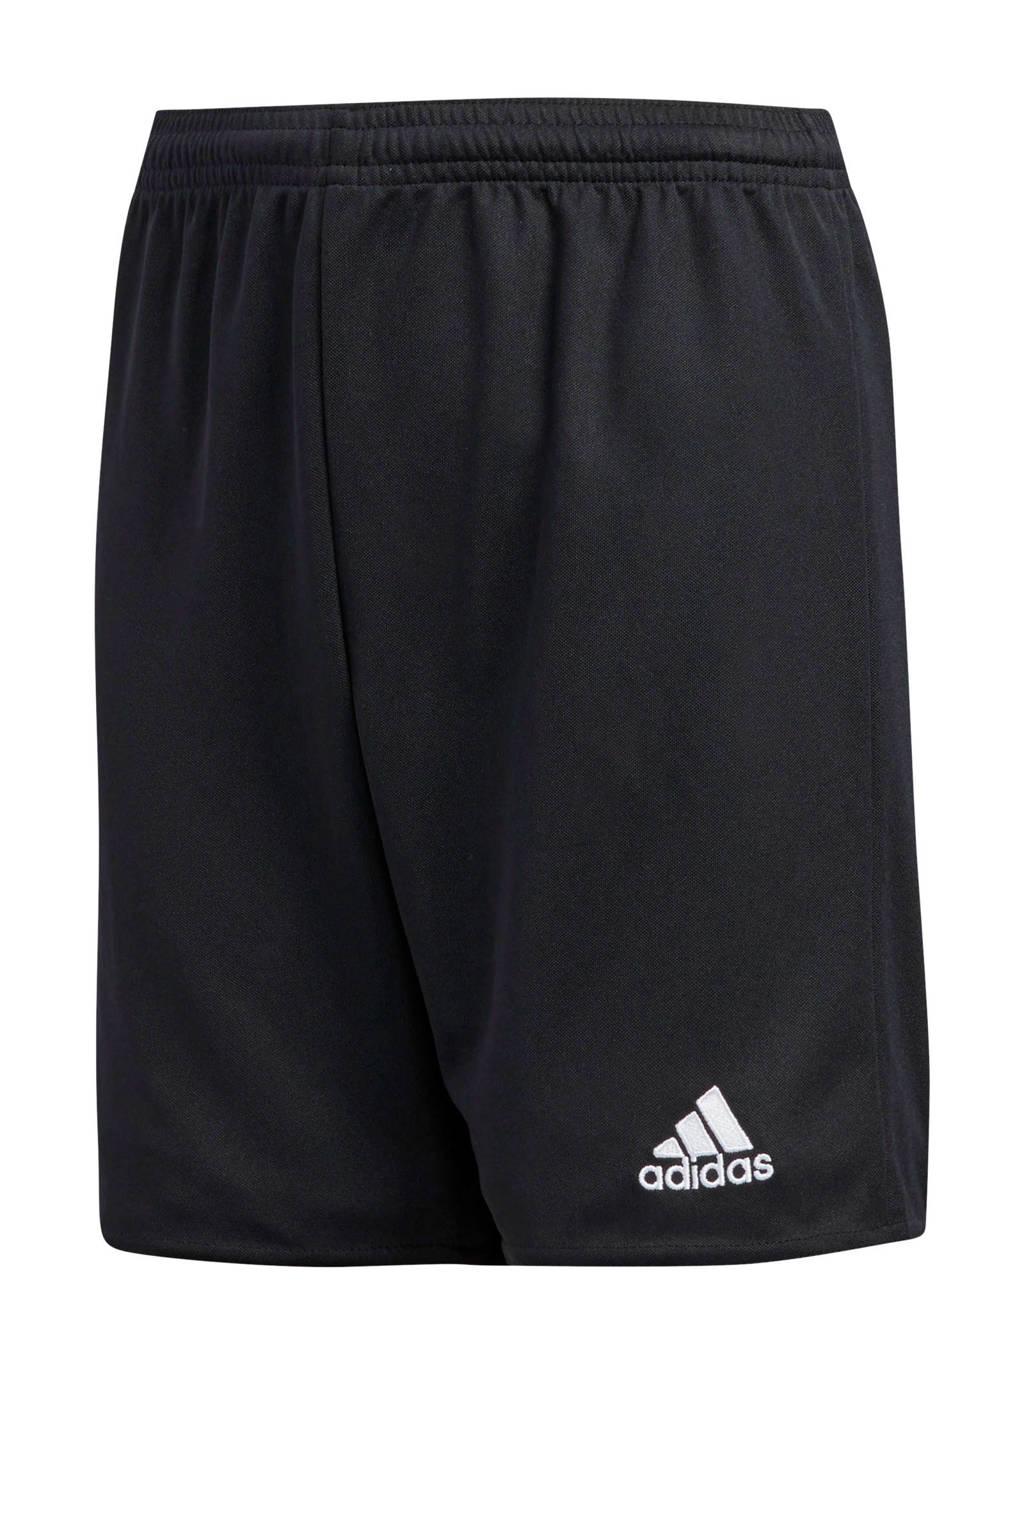 adidas Performance Junior  voetbalshort zwart, Zwart